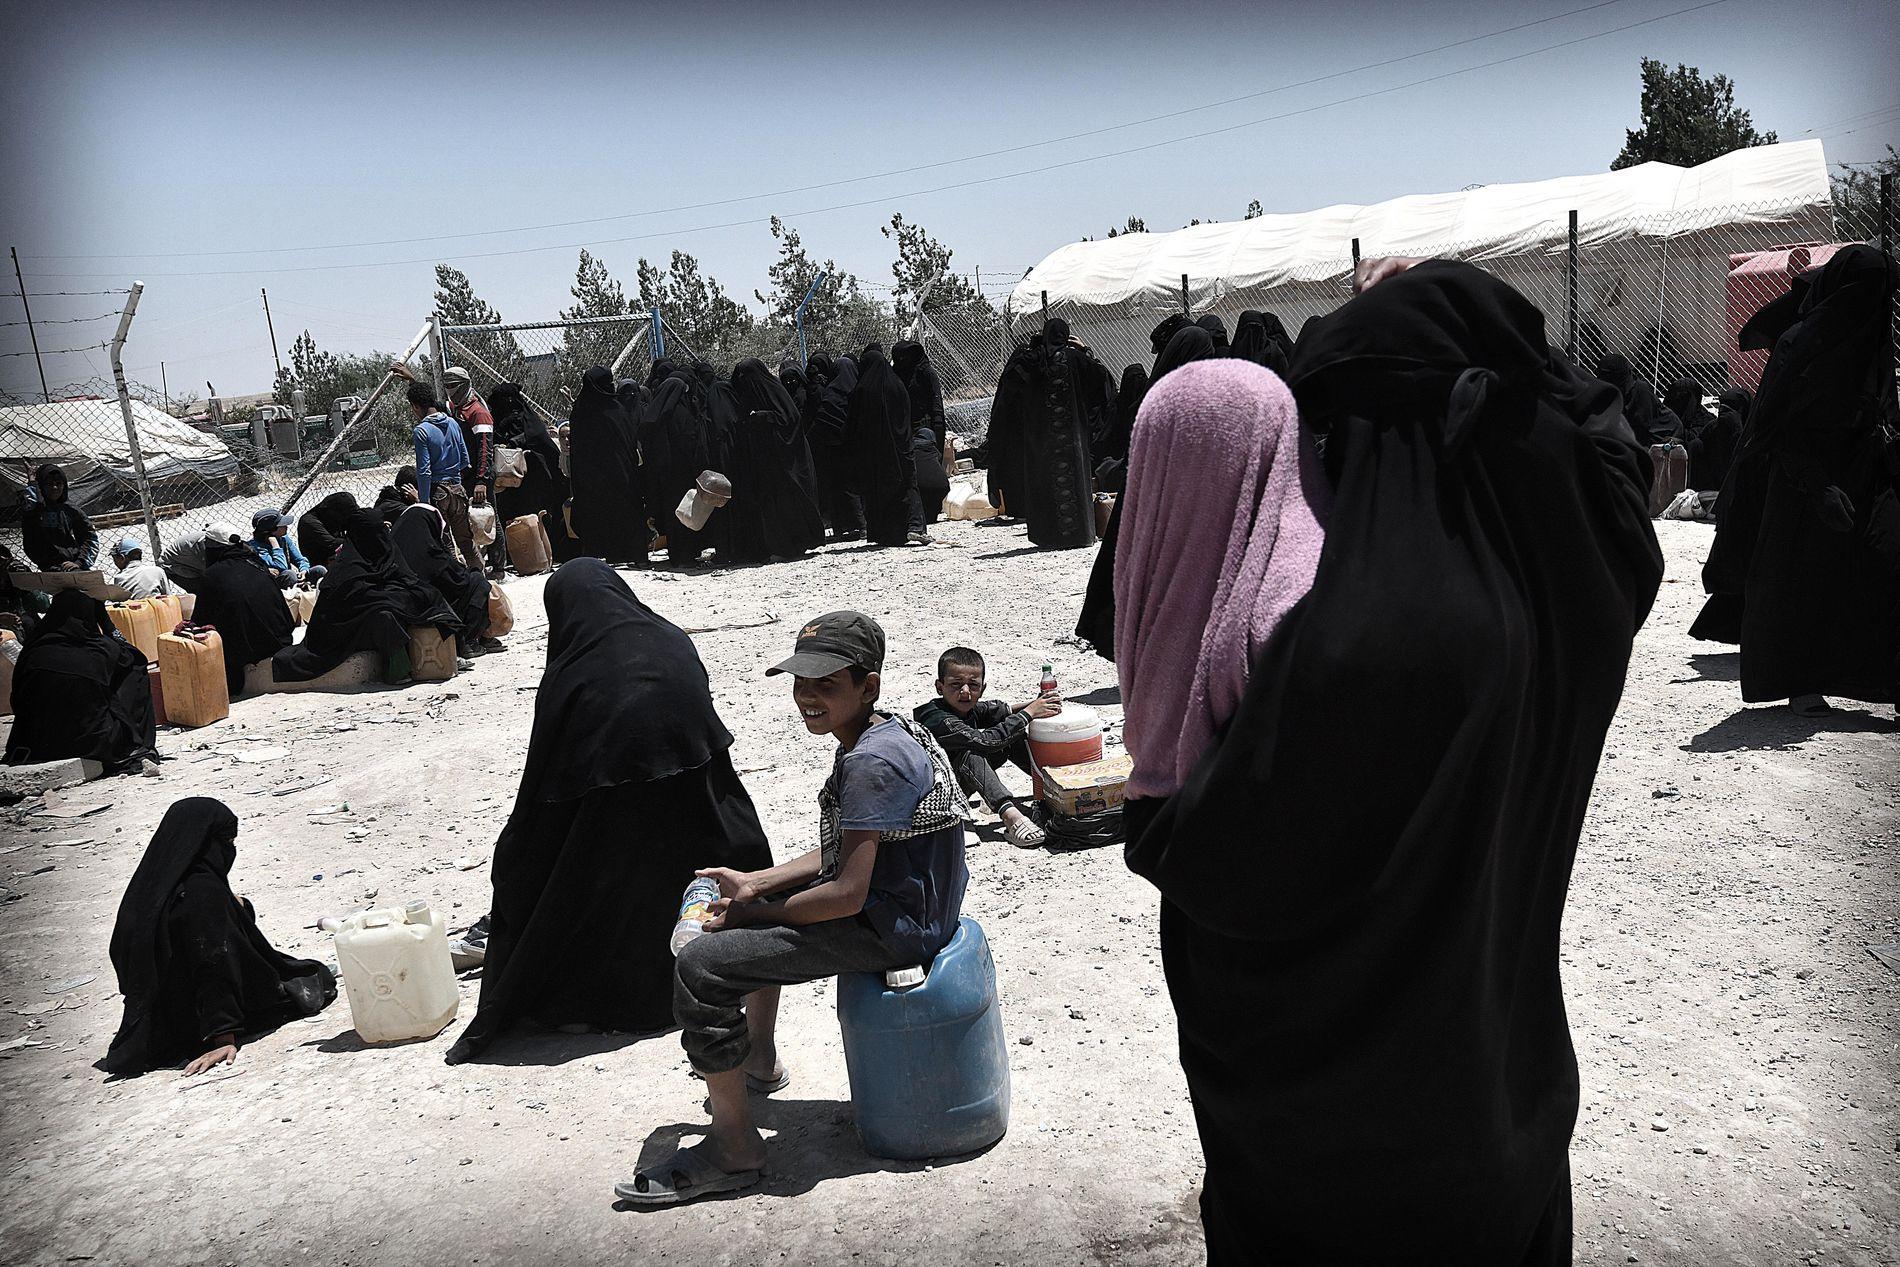 VENTER PÅ VANN: VG besøkte leiren Al Hol i Syria i juni, og fikk tilgang til den delen av leiren der kvinnene som ikke er fra Syria og Irak bor. Dehydrering er et stort problem blant leirens barn i varmen, som når over 40 grader. Her venter internerte kvinner i vannkø.